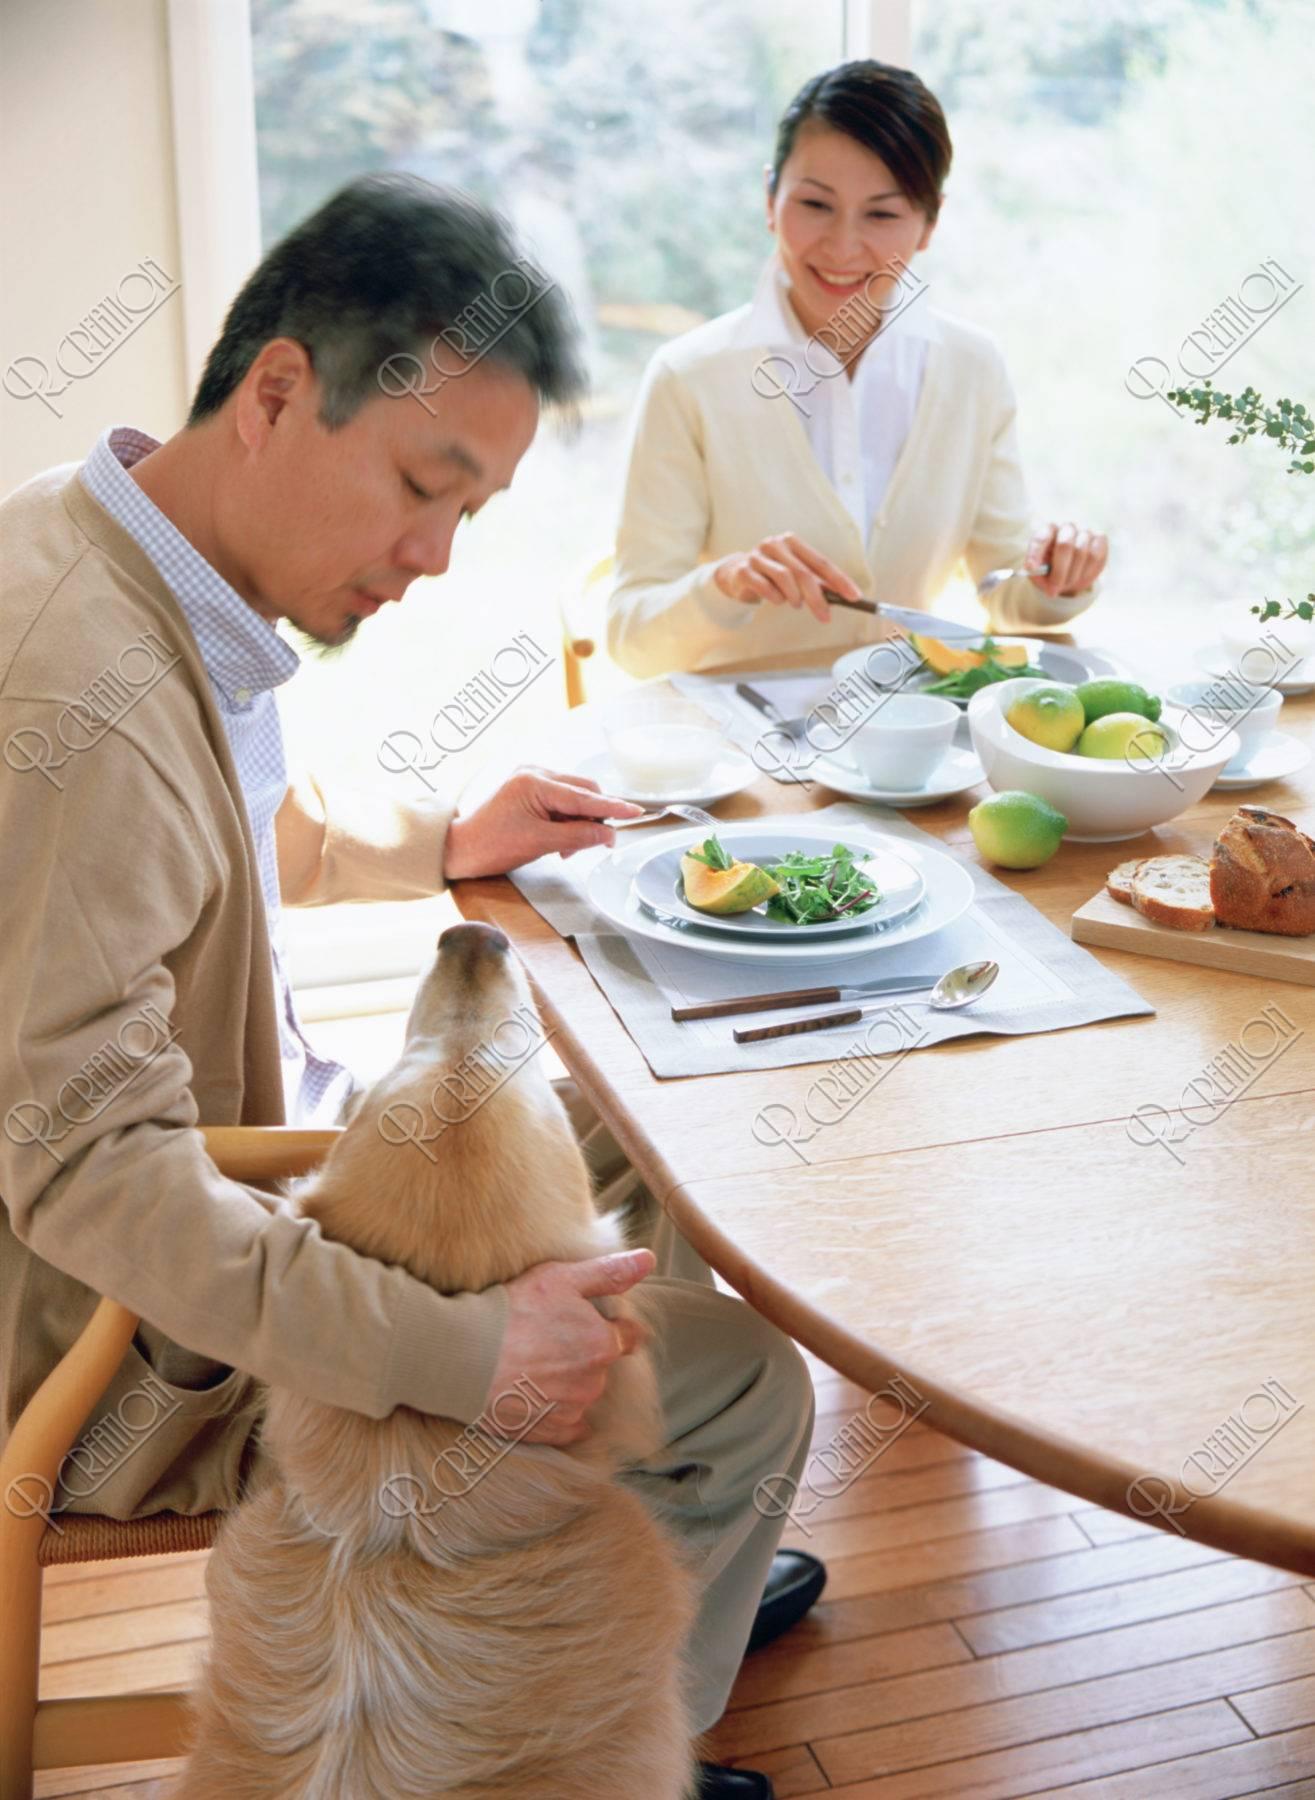 食事中の熟年夫婦と犬